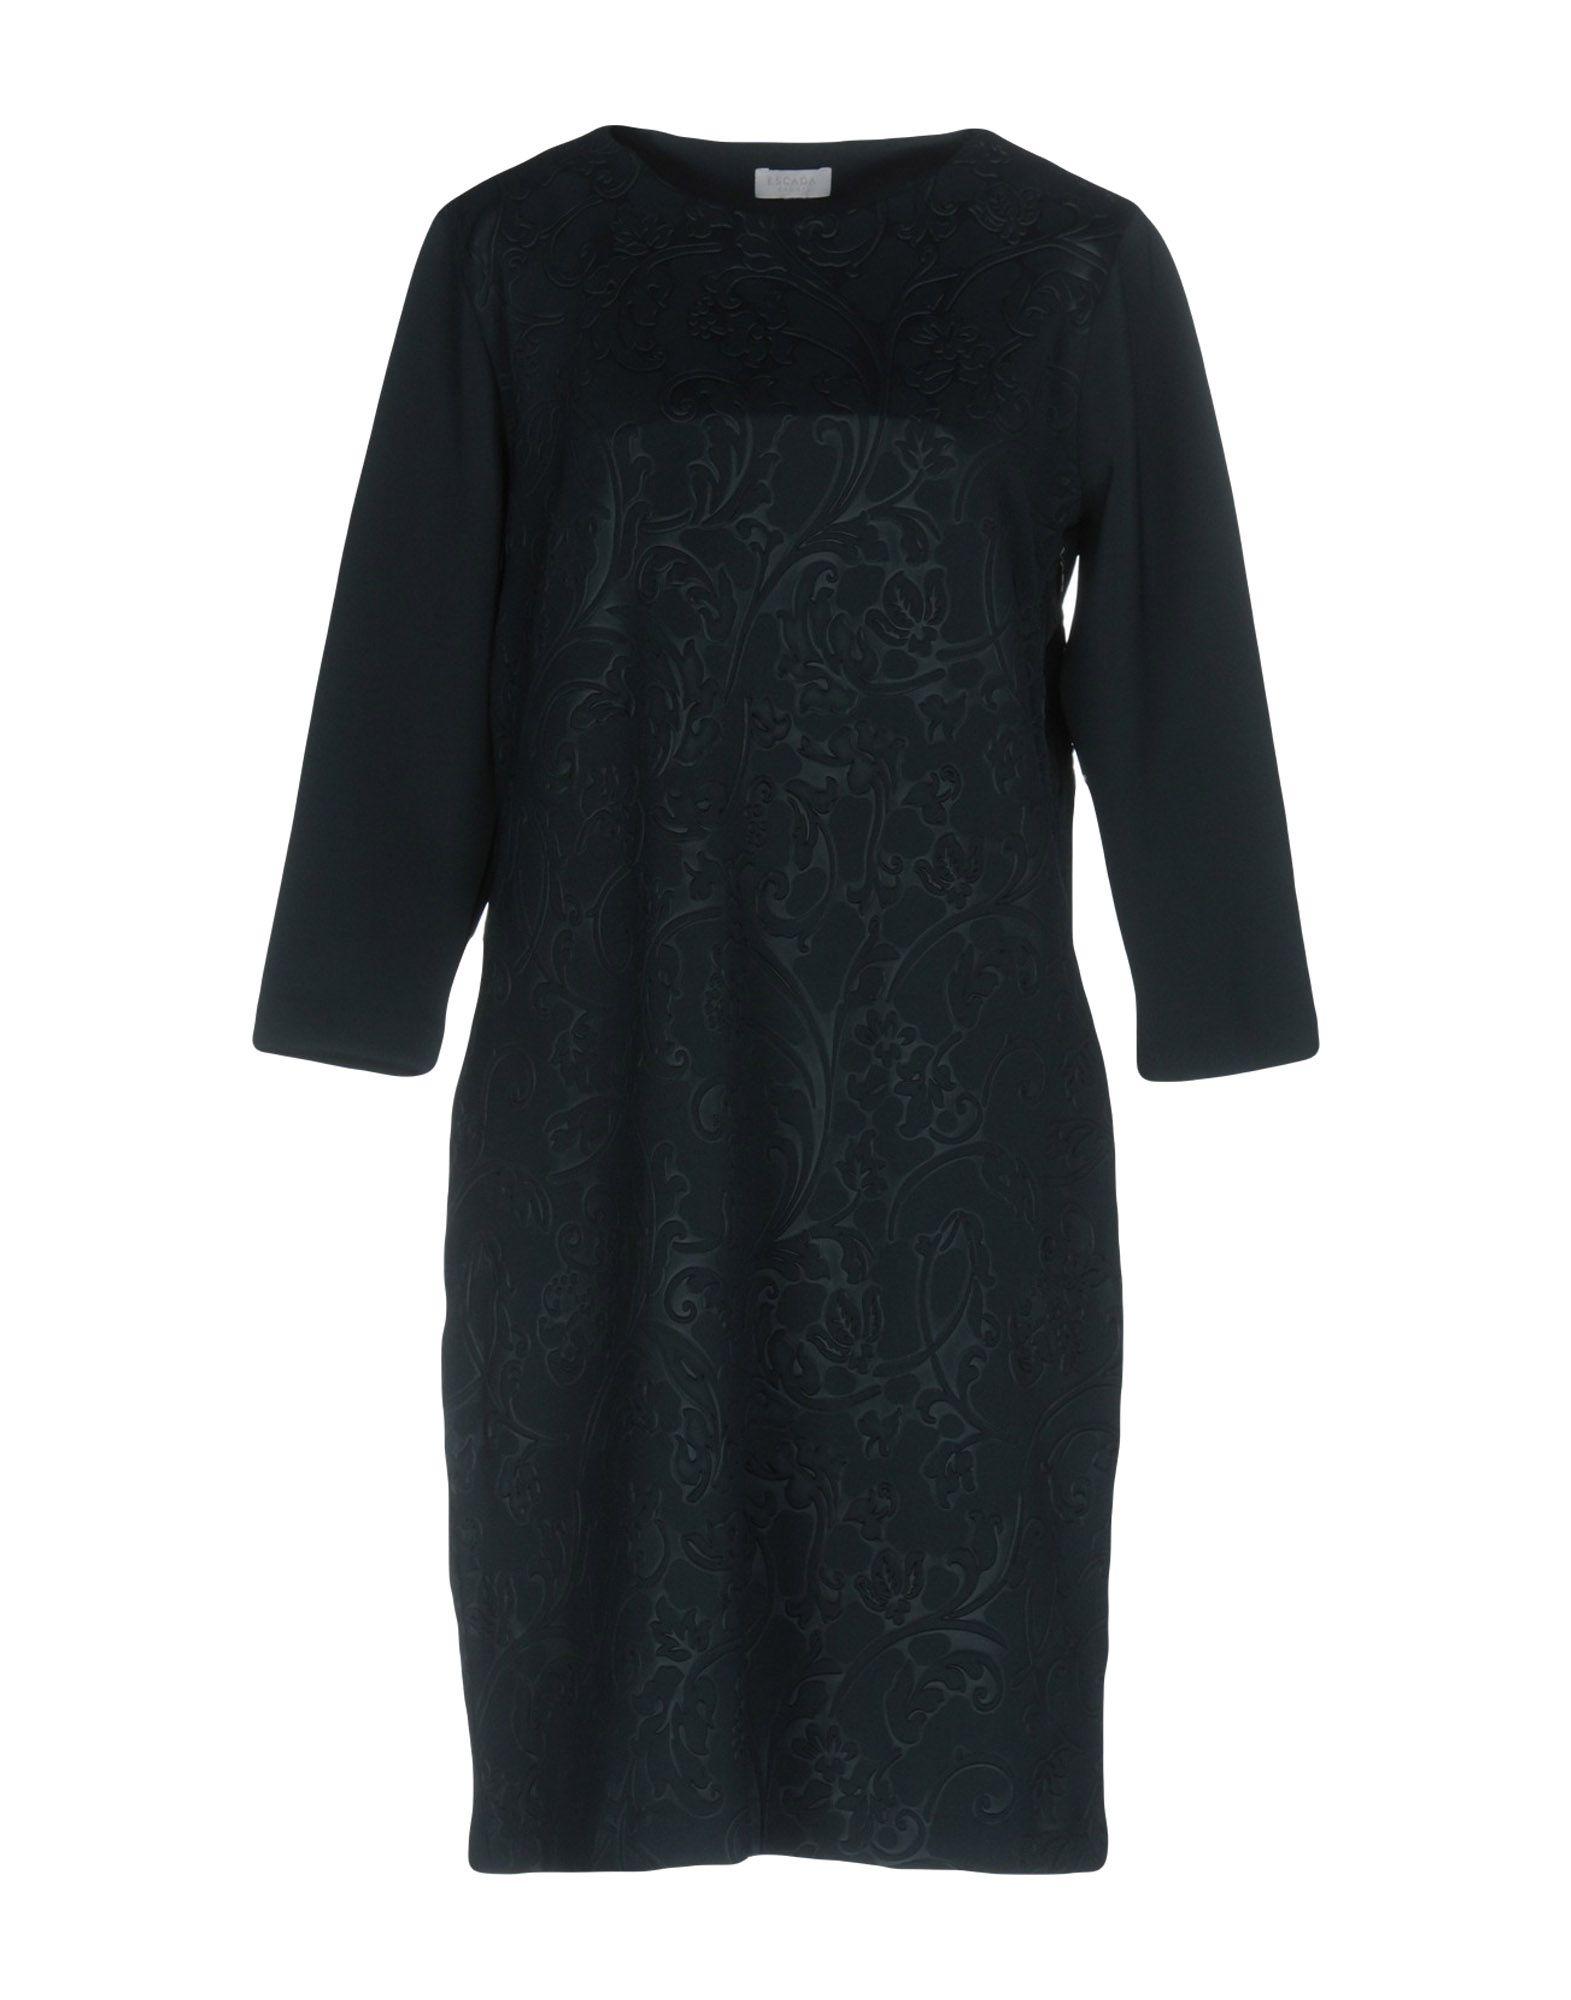 цены на ESCADA SPORT Платье до колена в интернет-магазинах